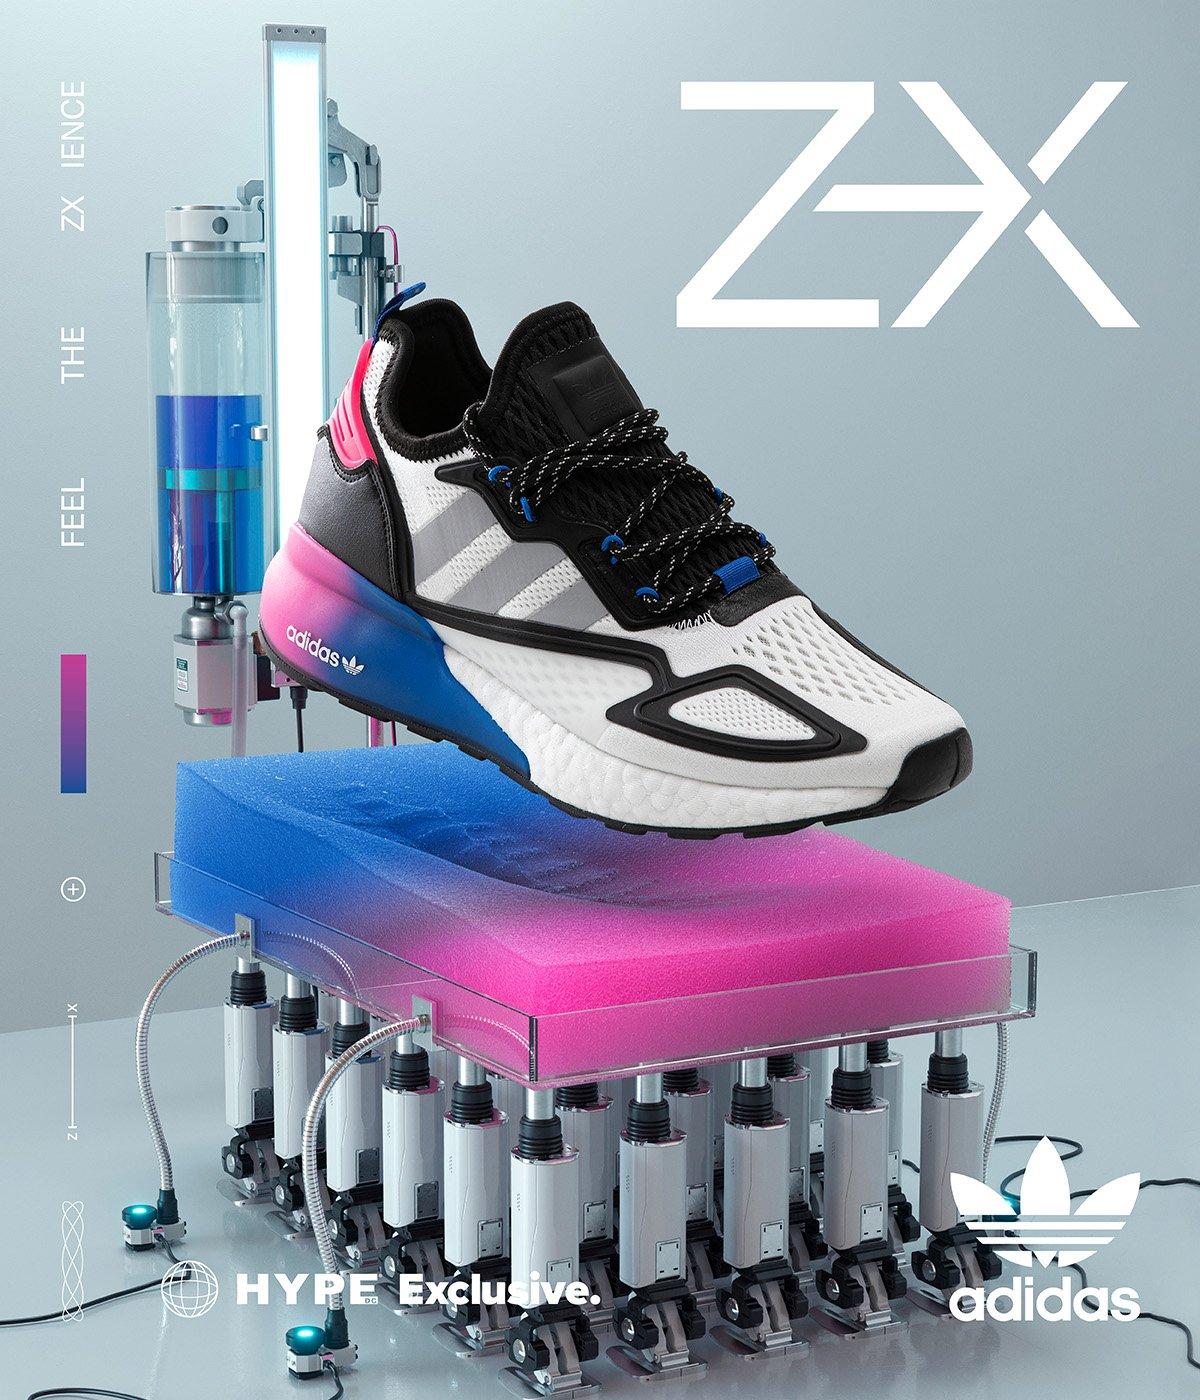 adidas 2x boost